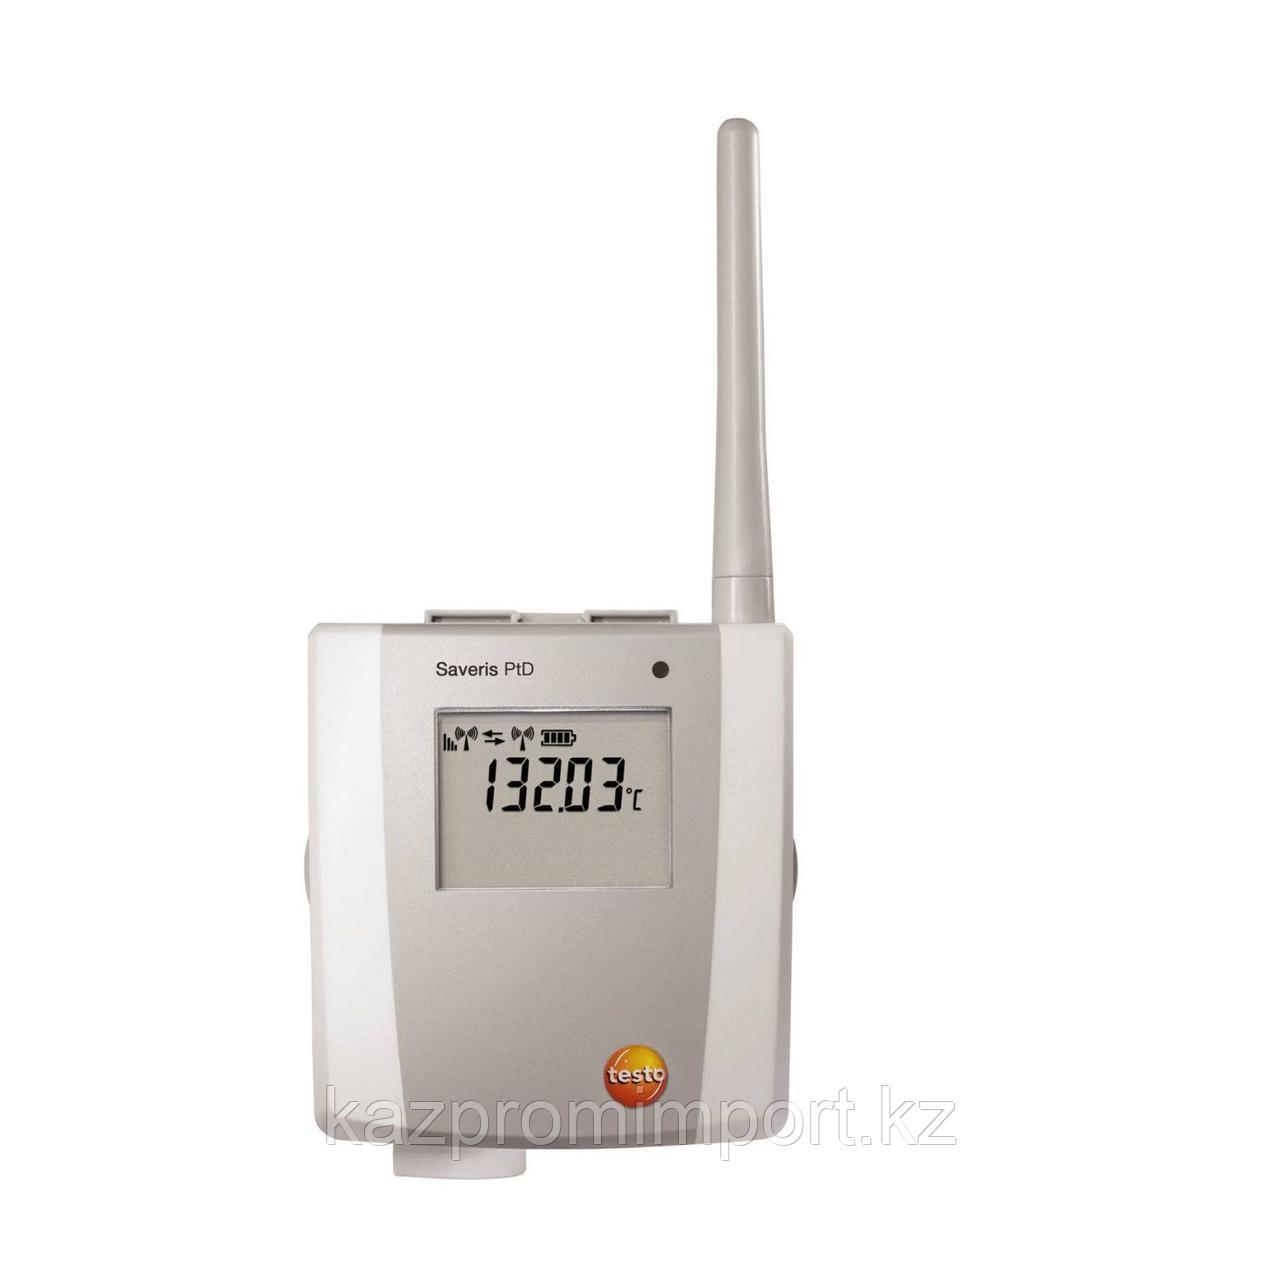 Testo Saveris Pt D - 1-канальный радиозонд температуры, с дисплеем